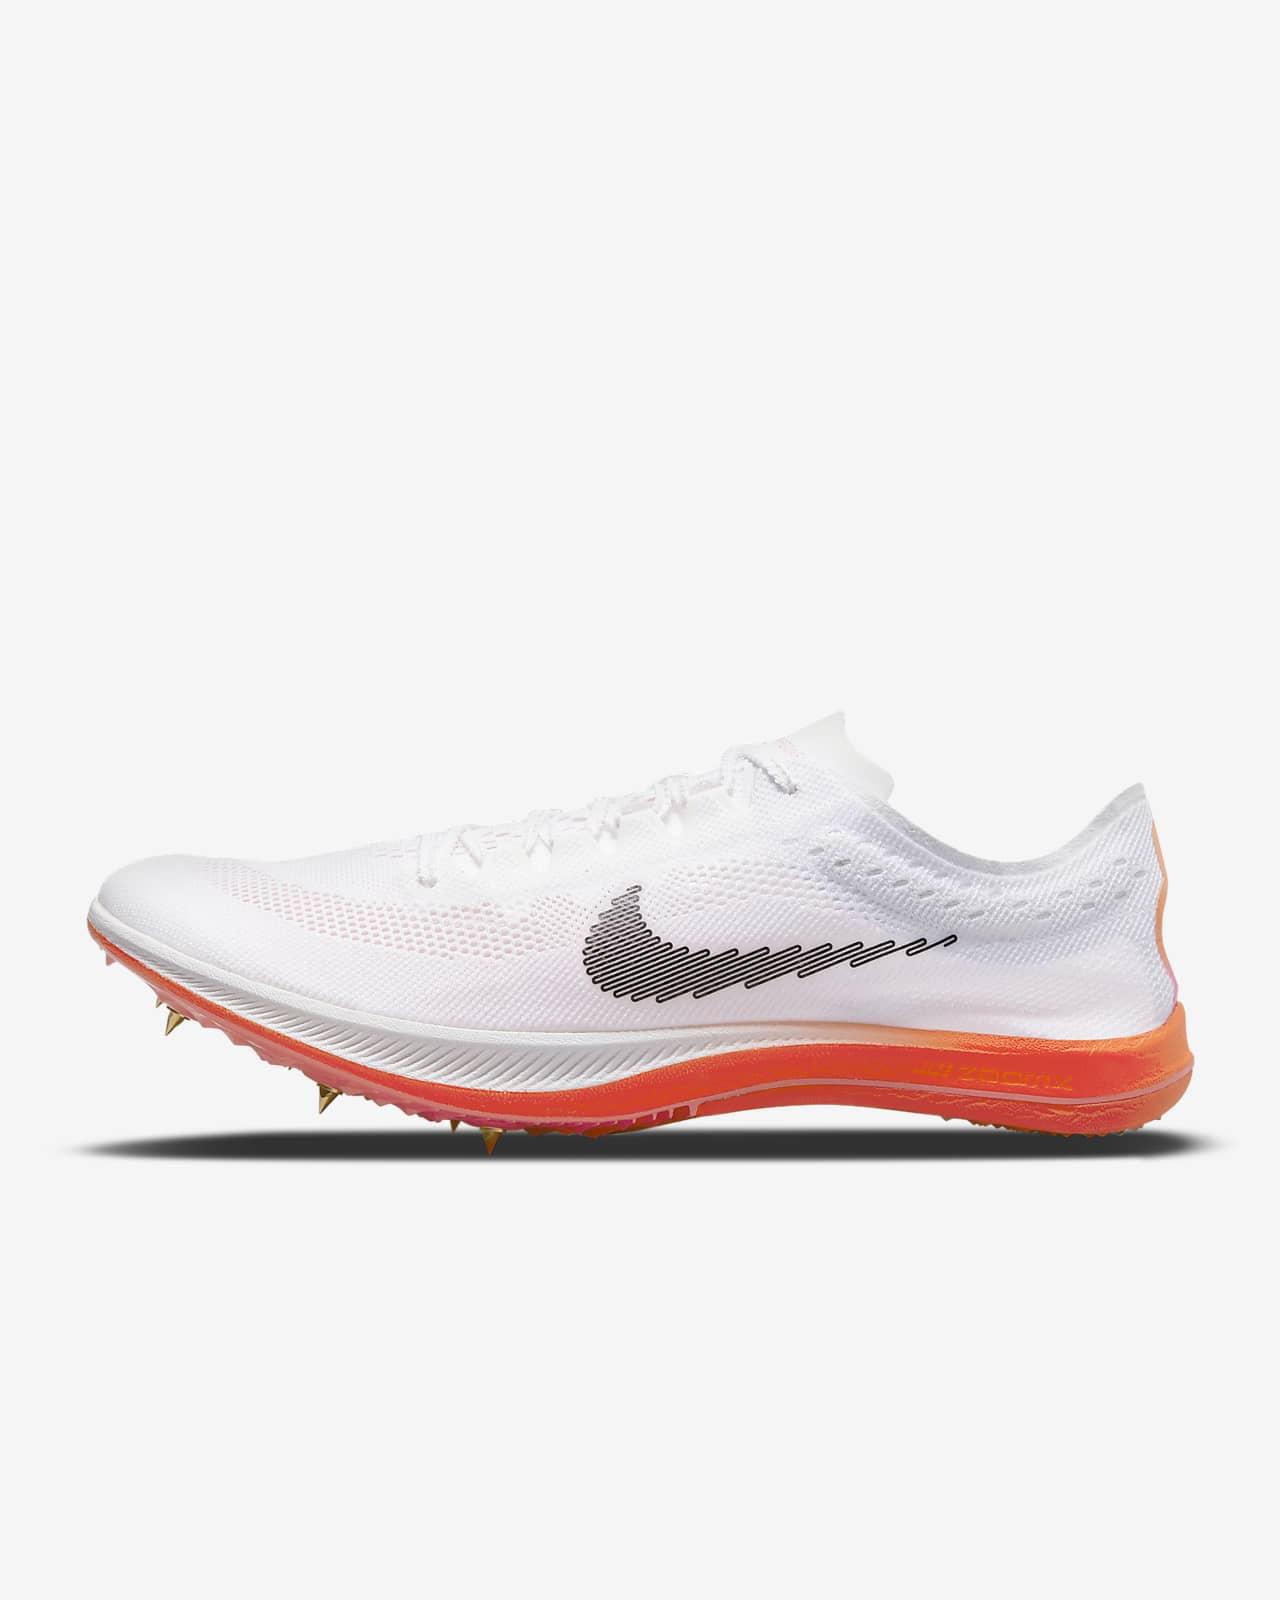 Tävlingsspiksko Nike ZoomX Dragonfly